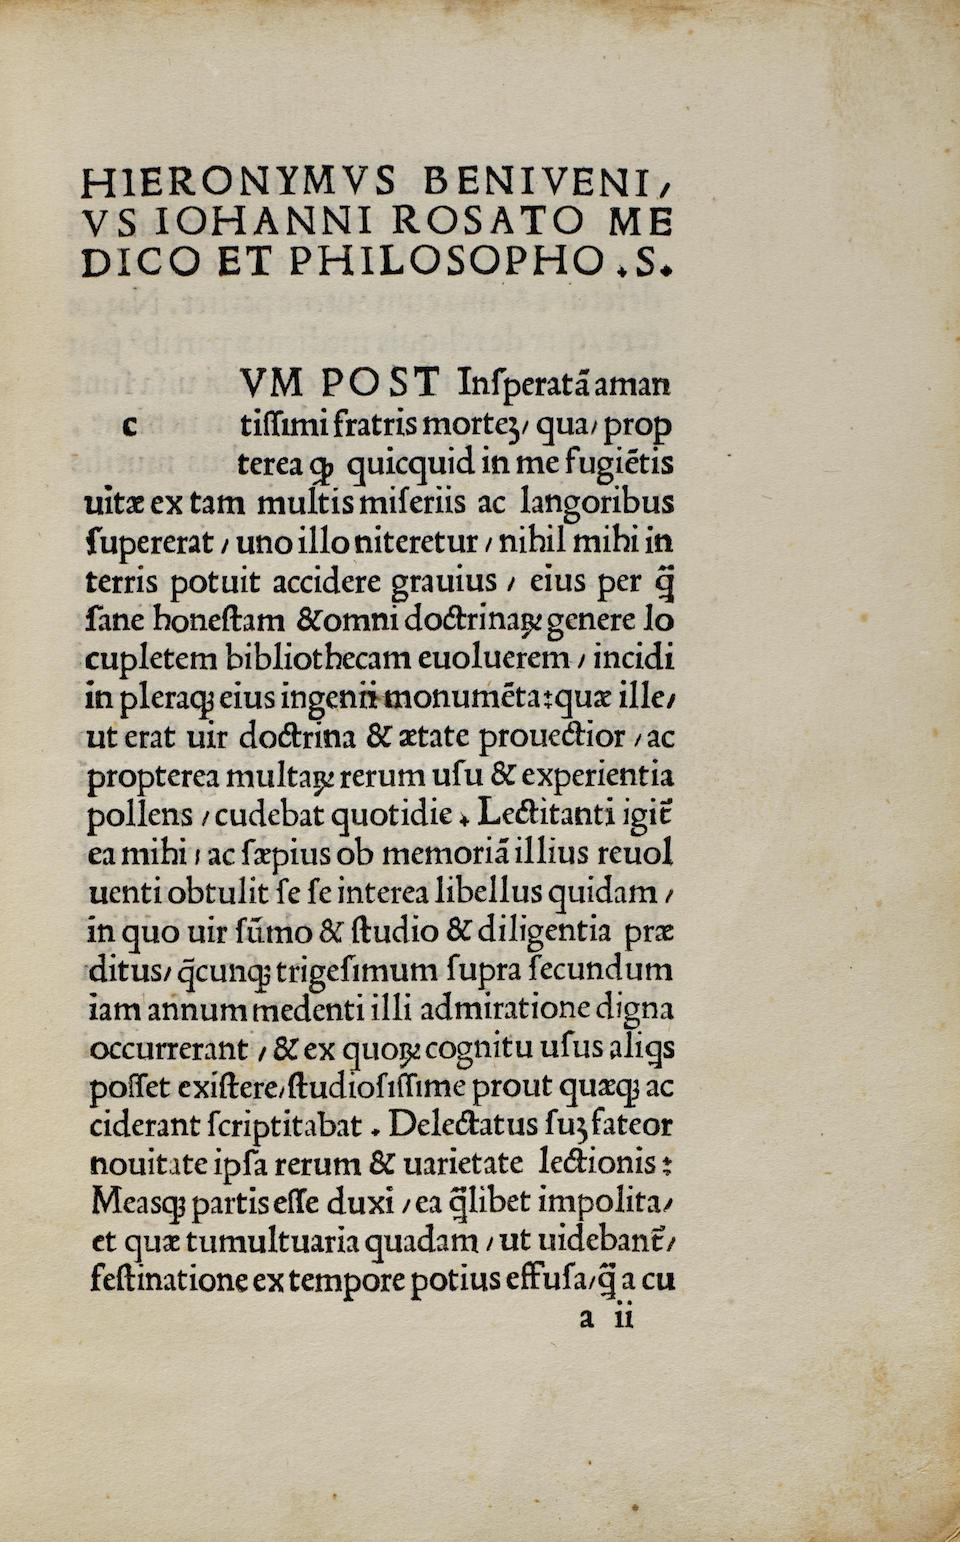 BENIVIENI, ANTONIO. 1443-1502.  De abditis nonnullis ac mirandis morborum et sanationum causis.  Florence: Filippo Giunta, 1507.